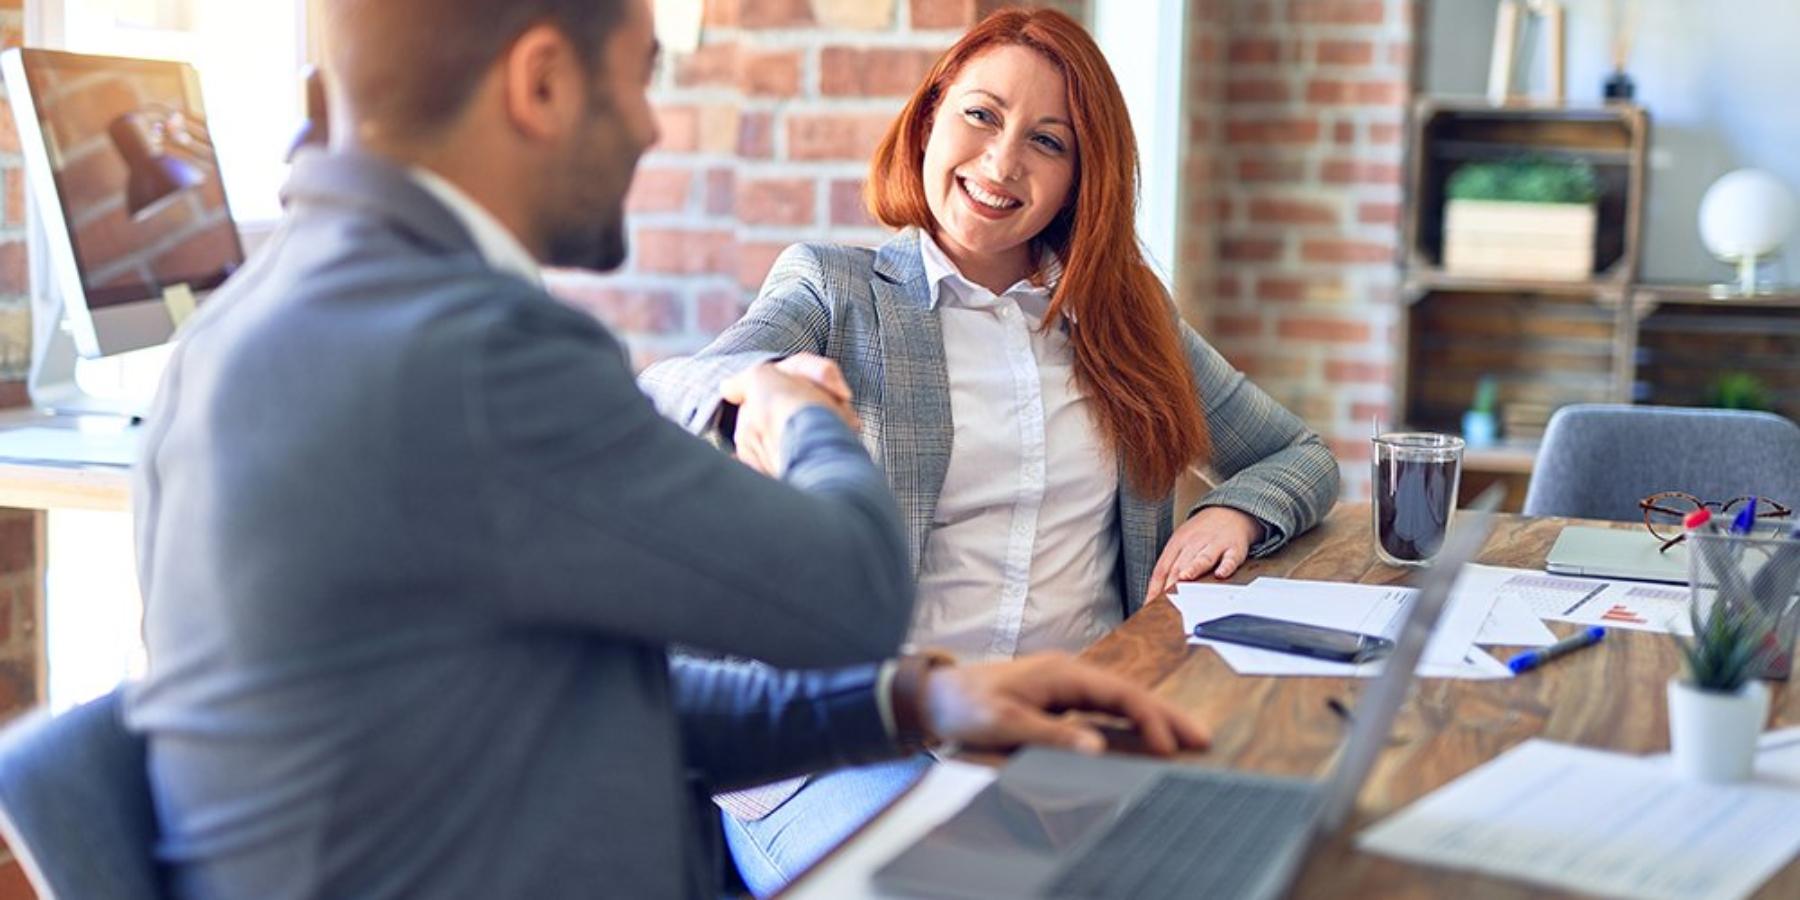 Współpraca zagencją marketingową. Jakie są wzajemne zobowiązania wdrodze dosukcesu?